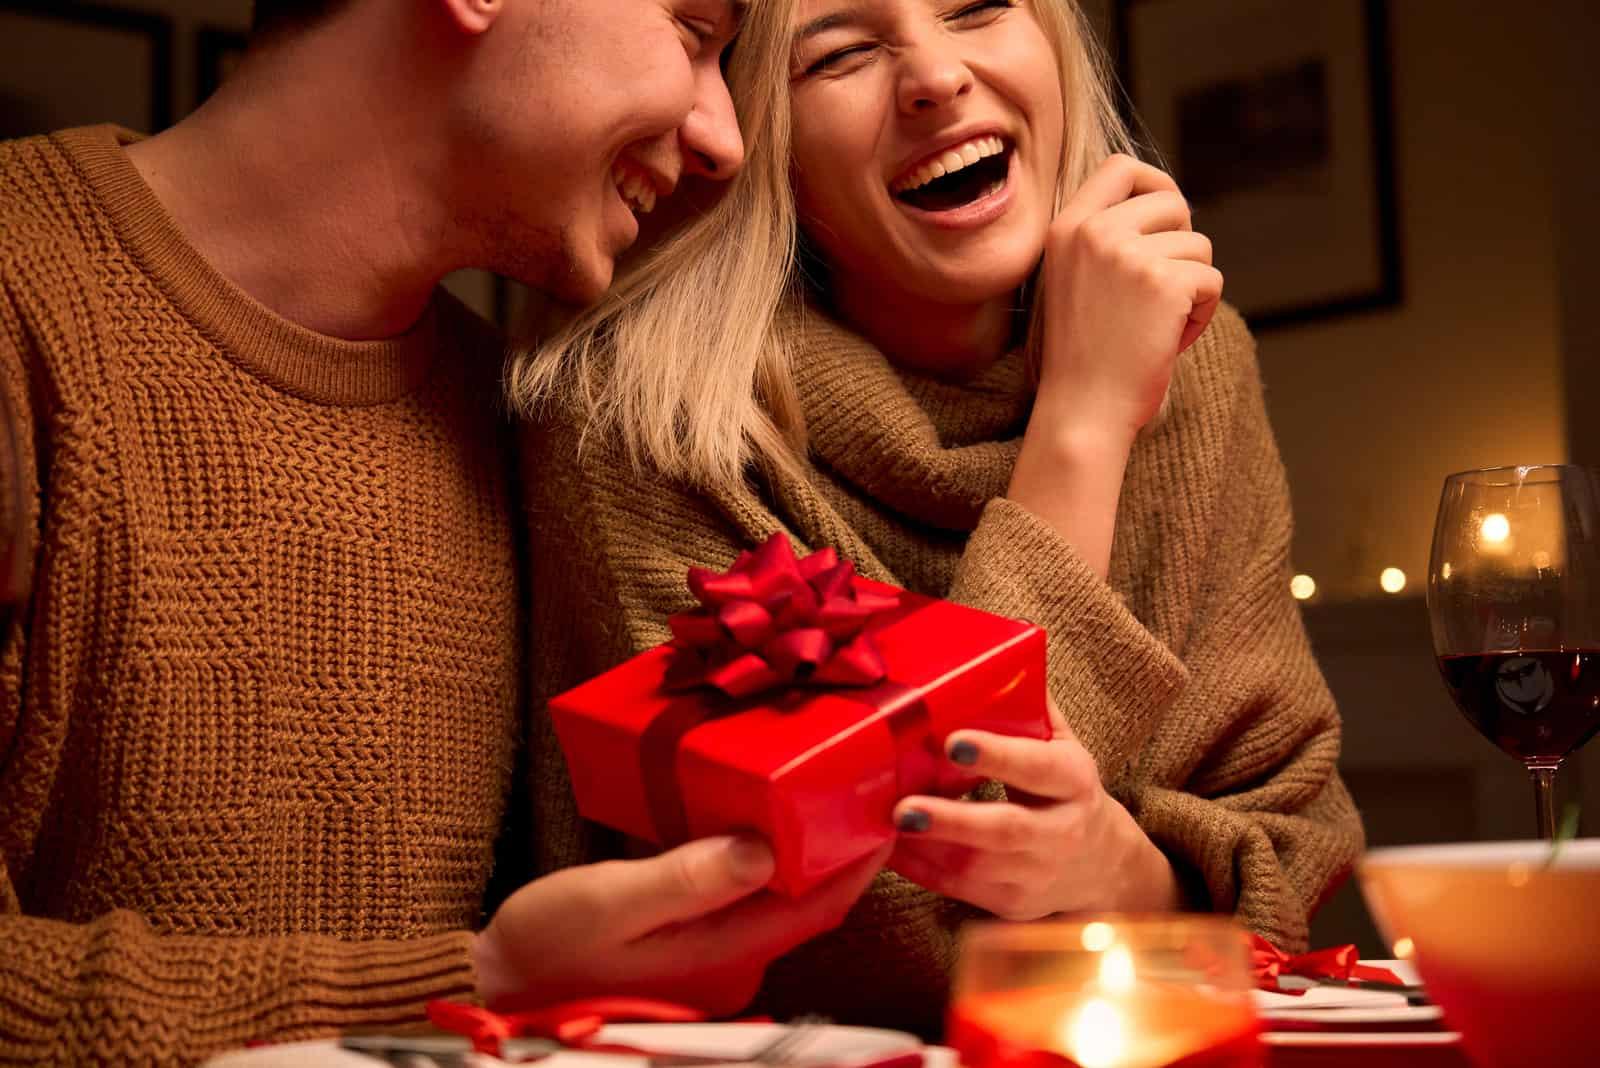 le couple amoureux rit